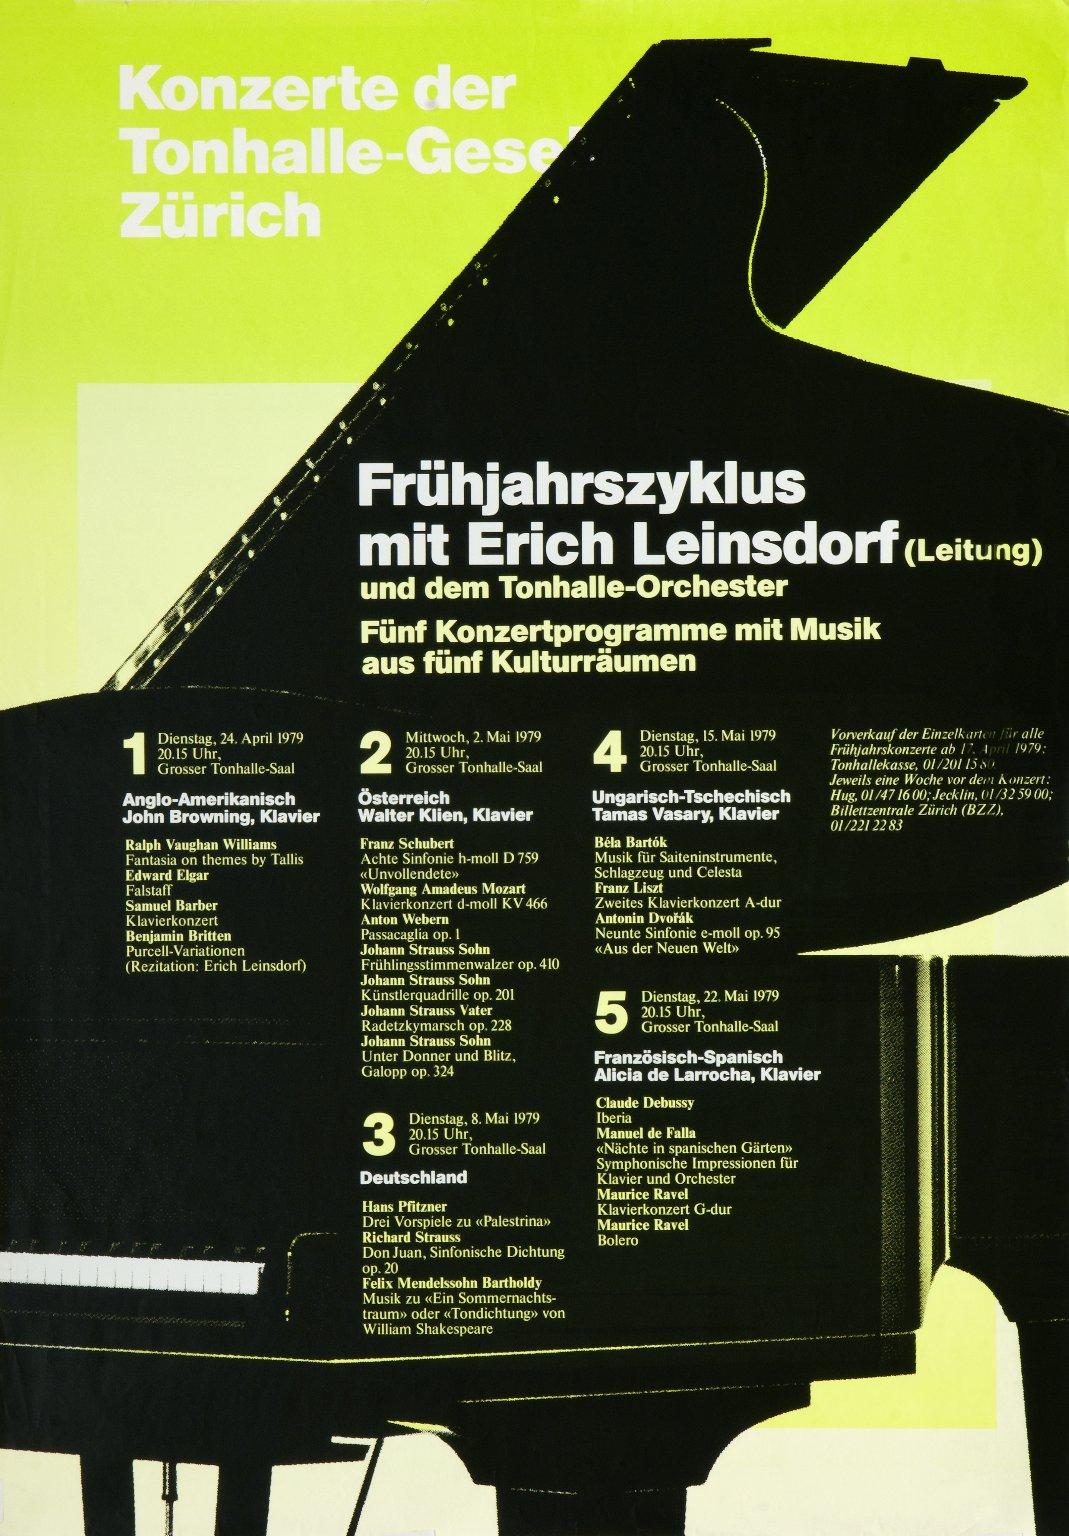 Frühjahrszyklus mit Erich Leinsdorf (Leitung)